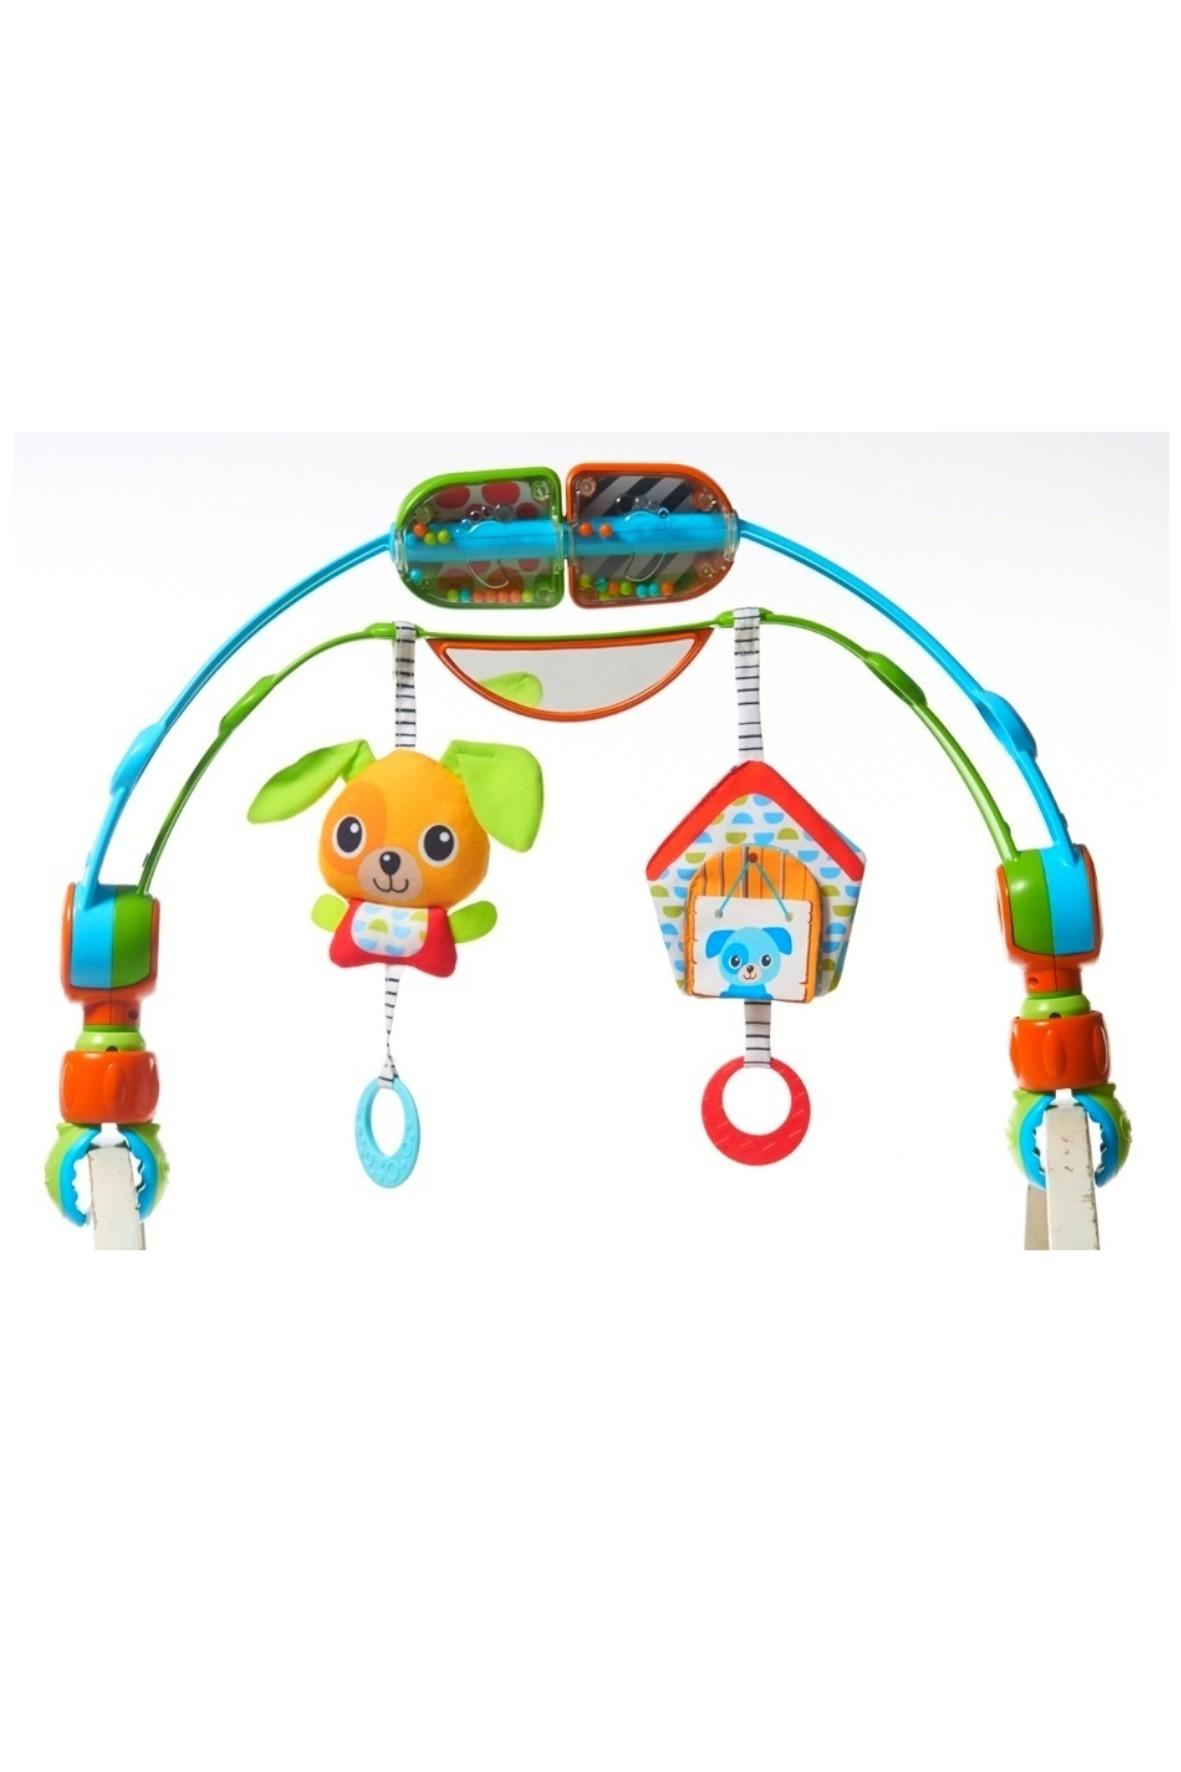 Łuk z zabawkami - Spin'n'Kick